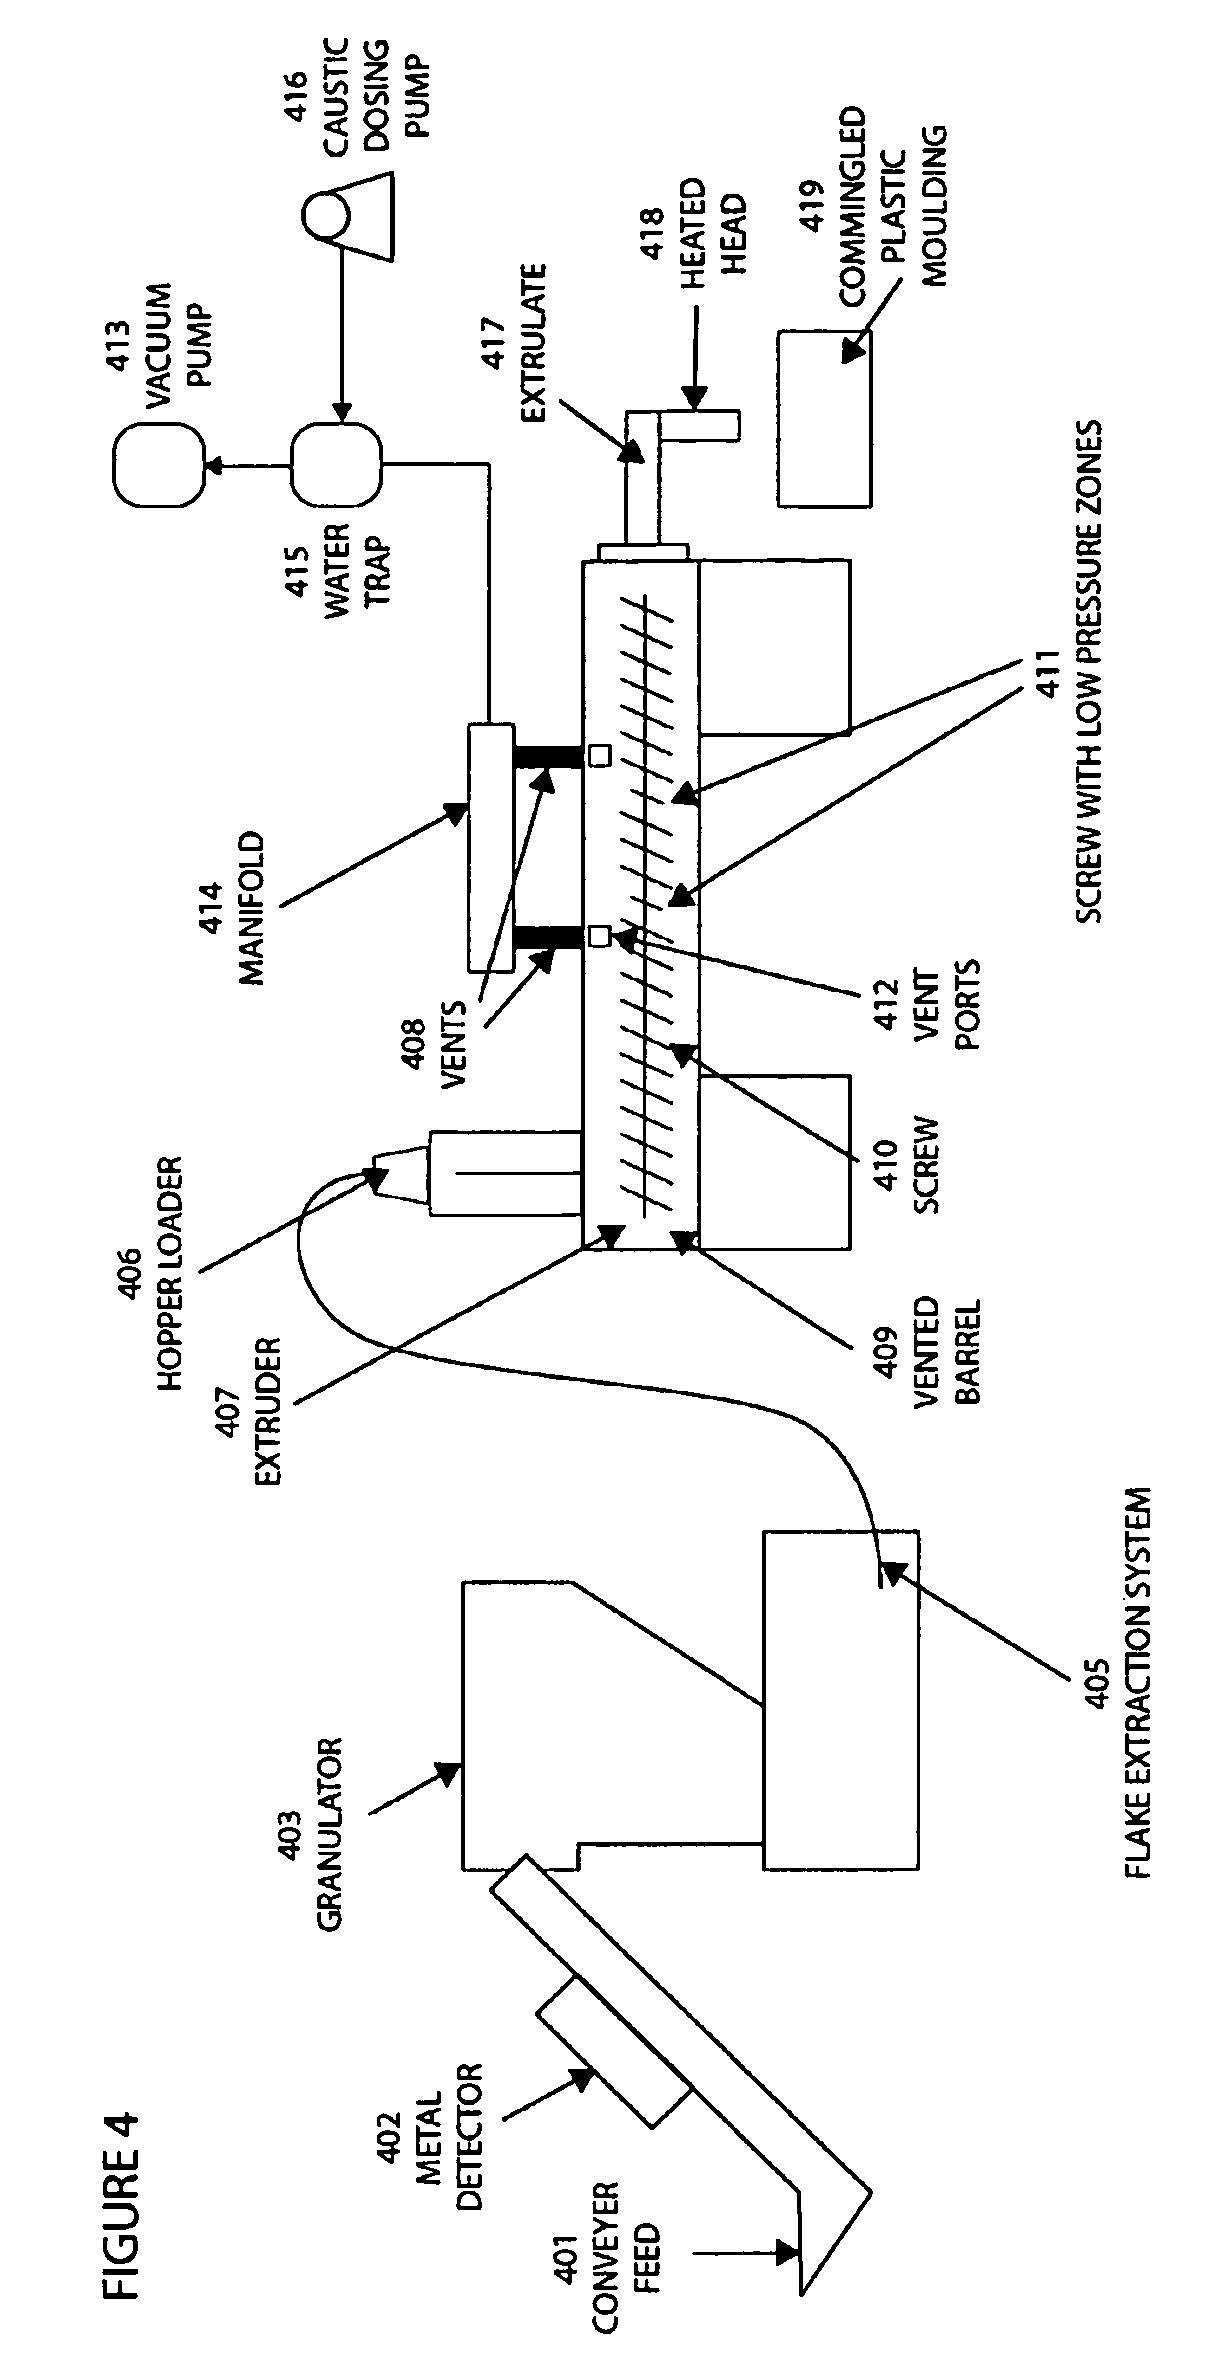 patent us7902262